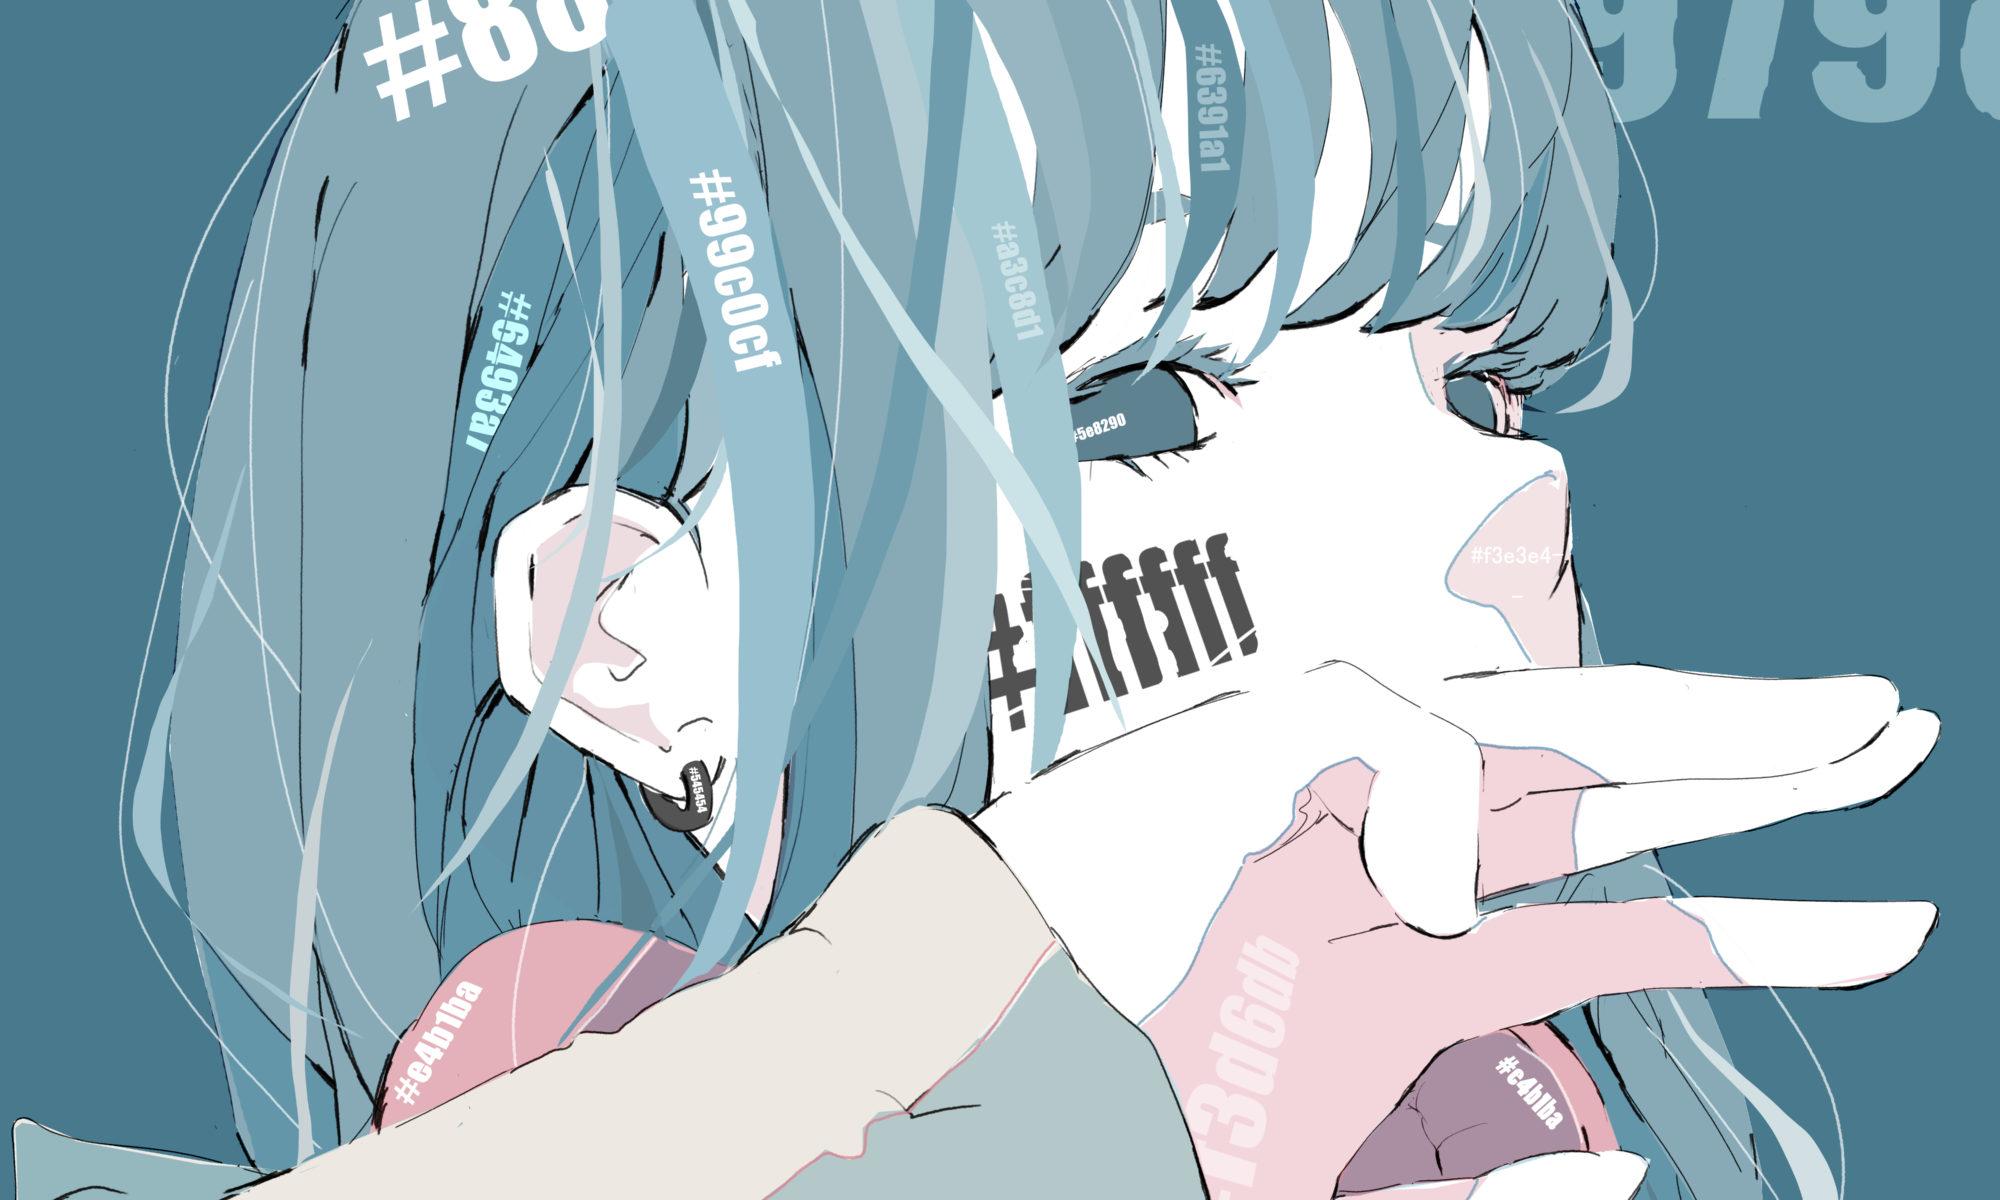 カラーコードが体に浮き出てい青髪ヘッドホンの女の子のイラスト